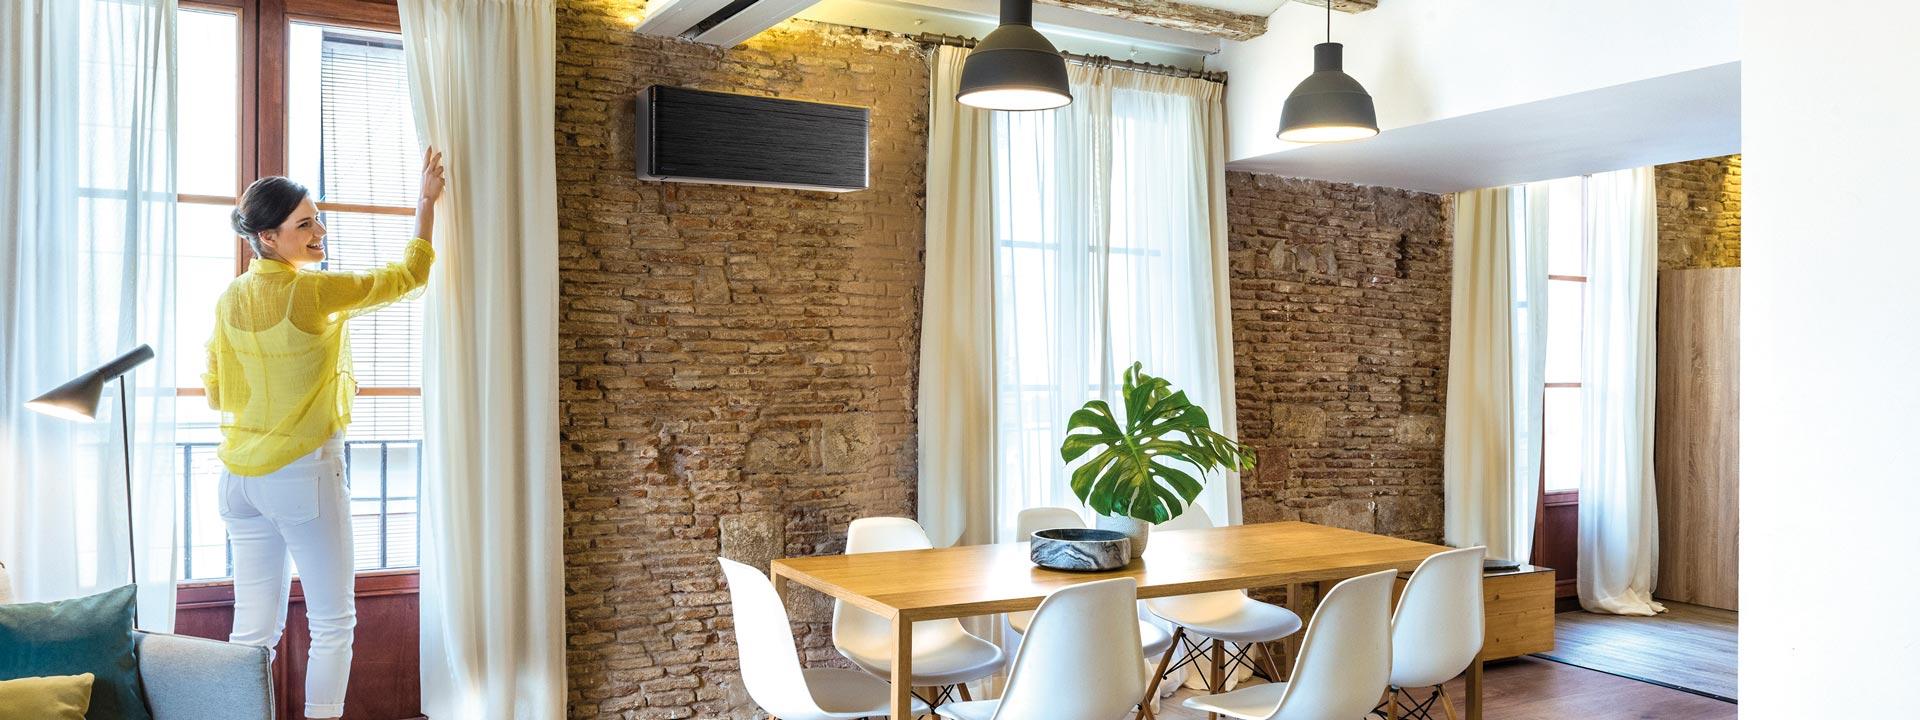 Klimaanlage für die Wohnung